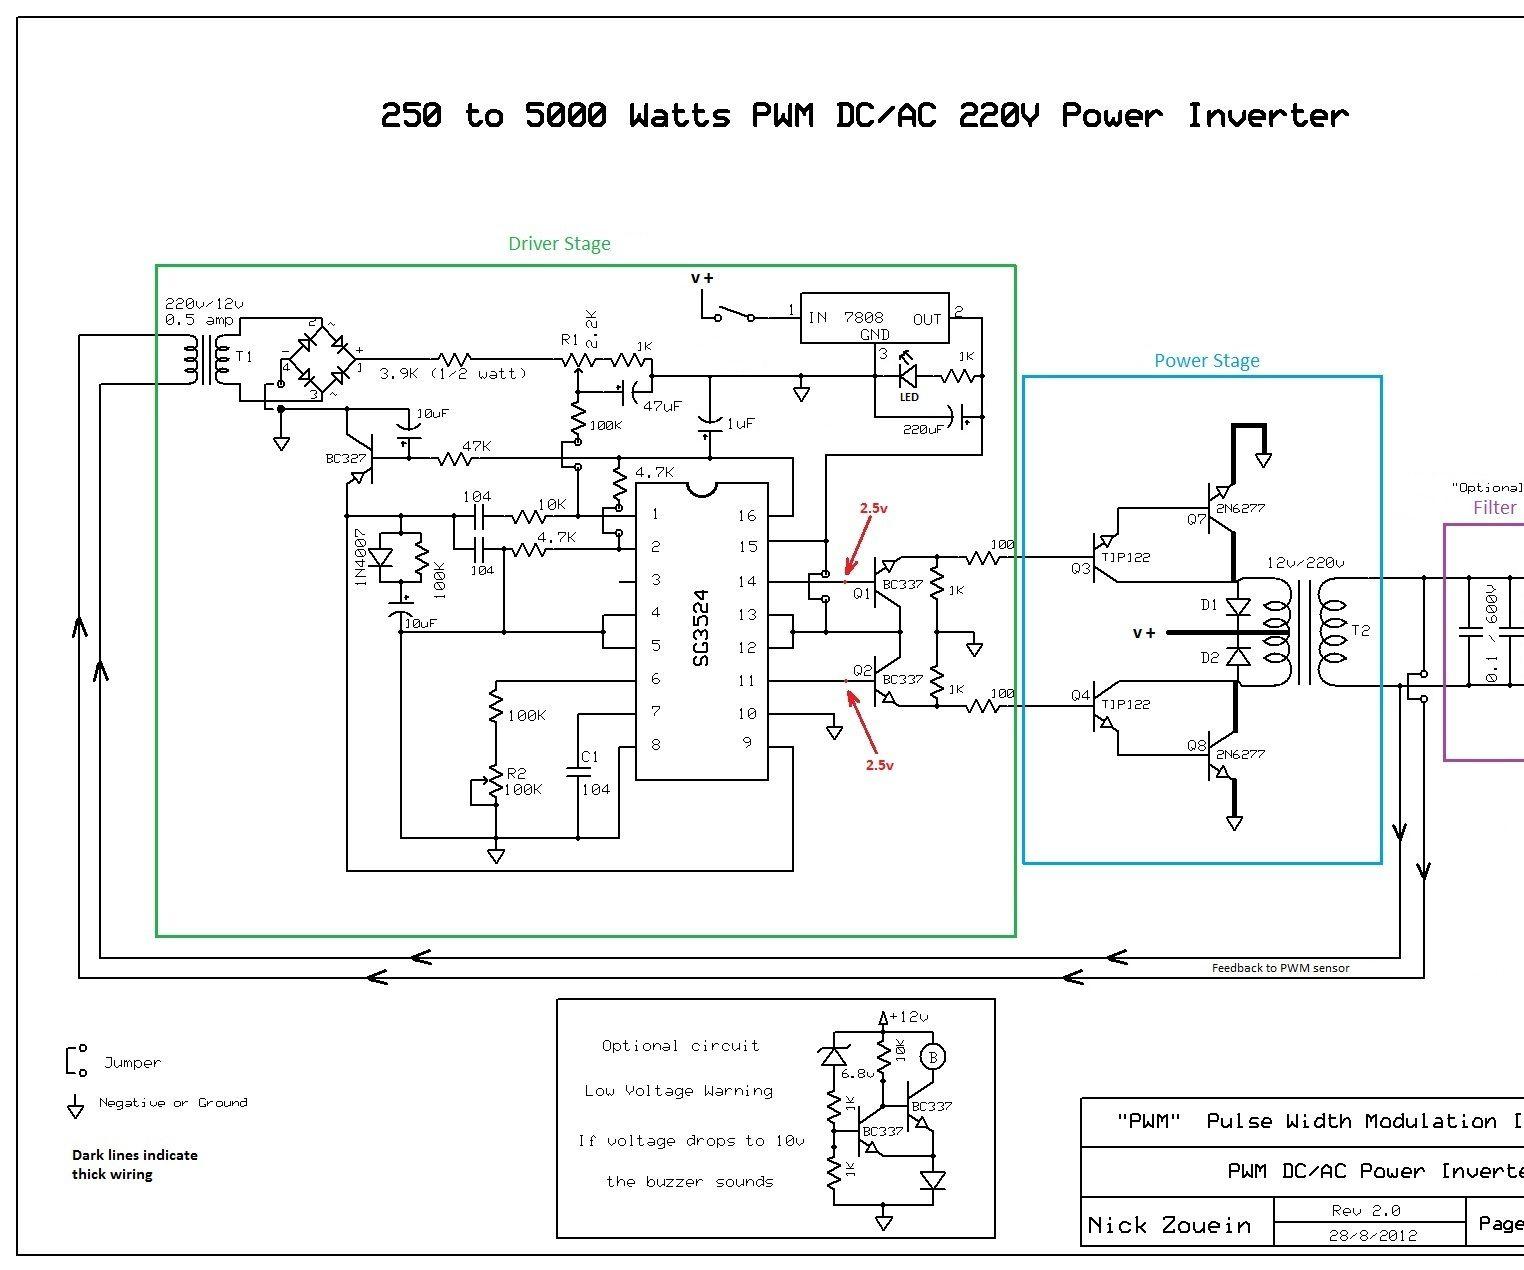 crf 230 wiring diagram wiring diagram datasource2007 crf 230 wiring diagram wiring library honda crf 230 [ 1524 x 1270 Pixel ]